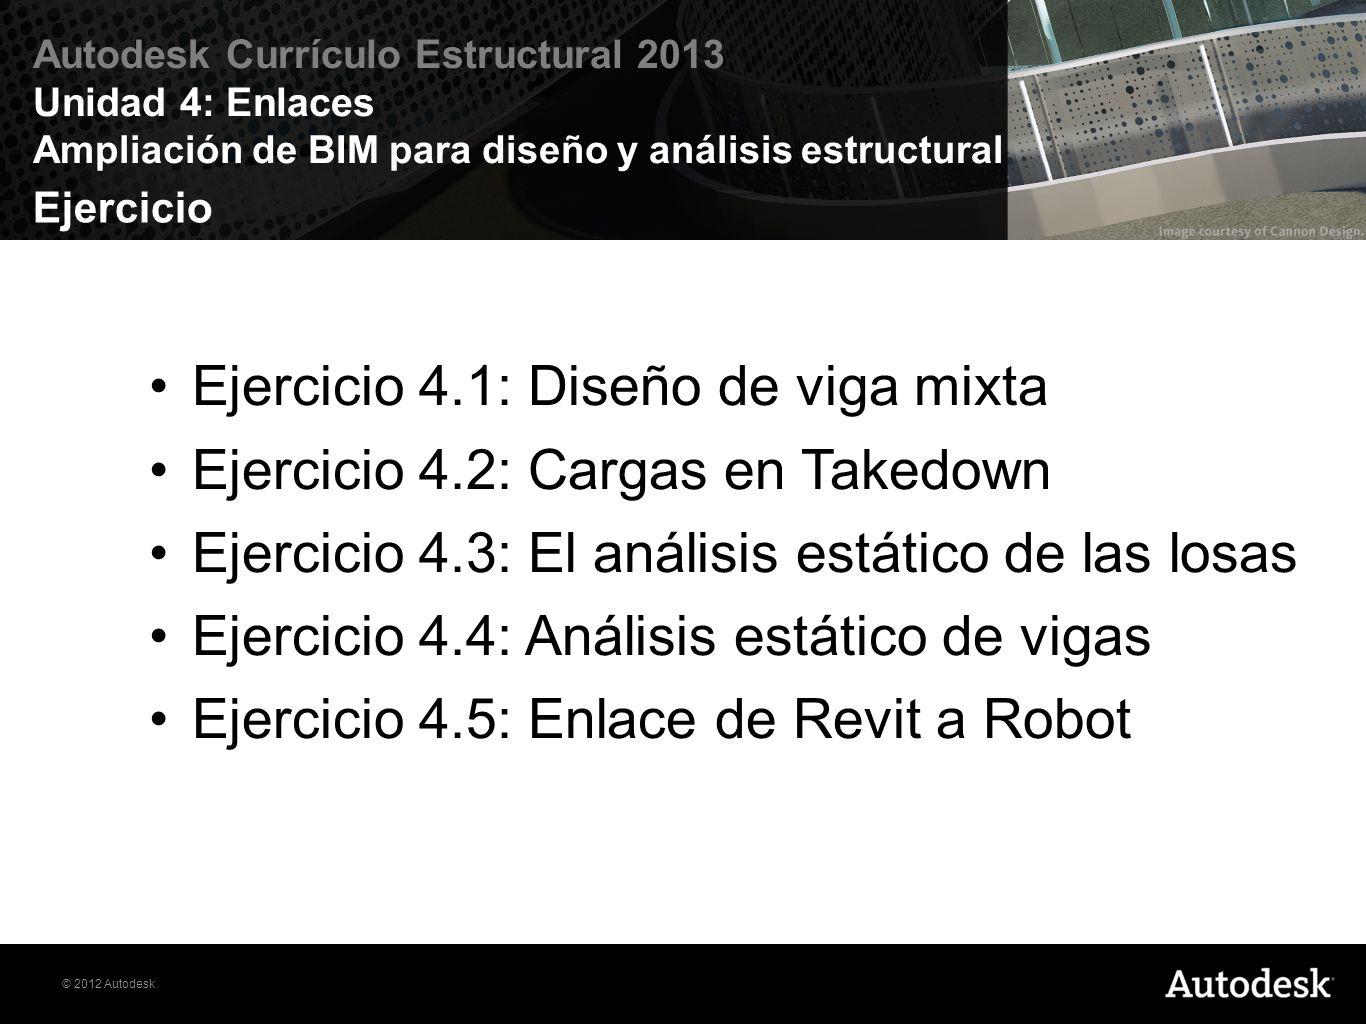 © 2012 Autodesk Autodesk Currículo Estructural 2013 Unidad 4: Enlaces Ampliación de BIM para diseño y análisis estructural Ejercicio Ejercicio 4.1: Di